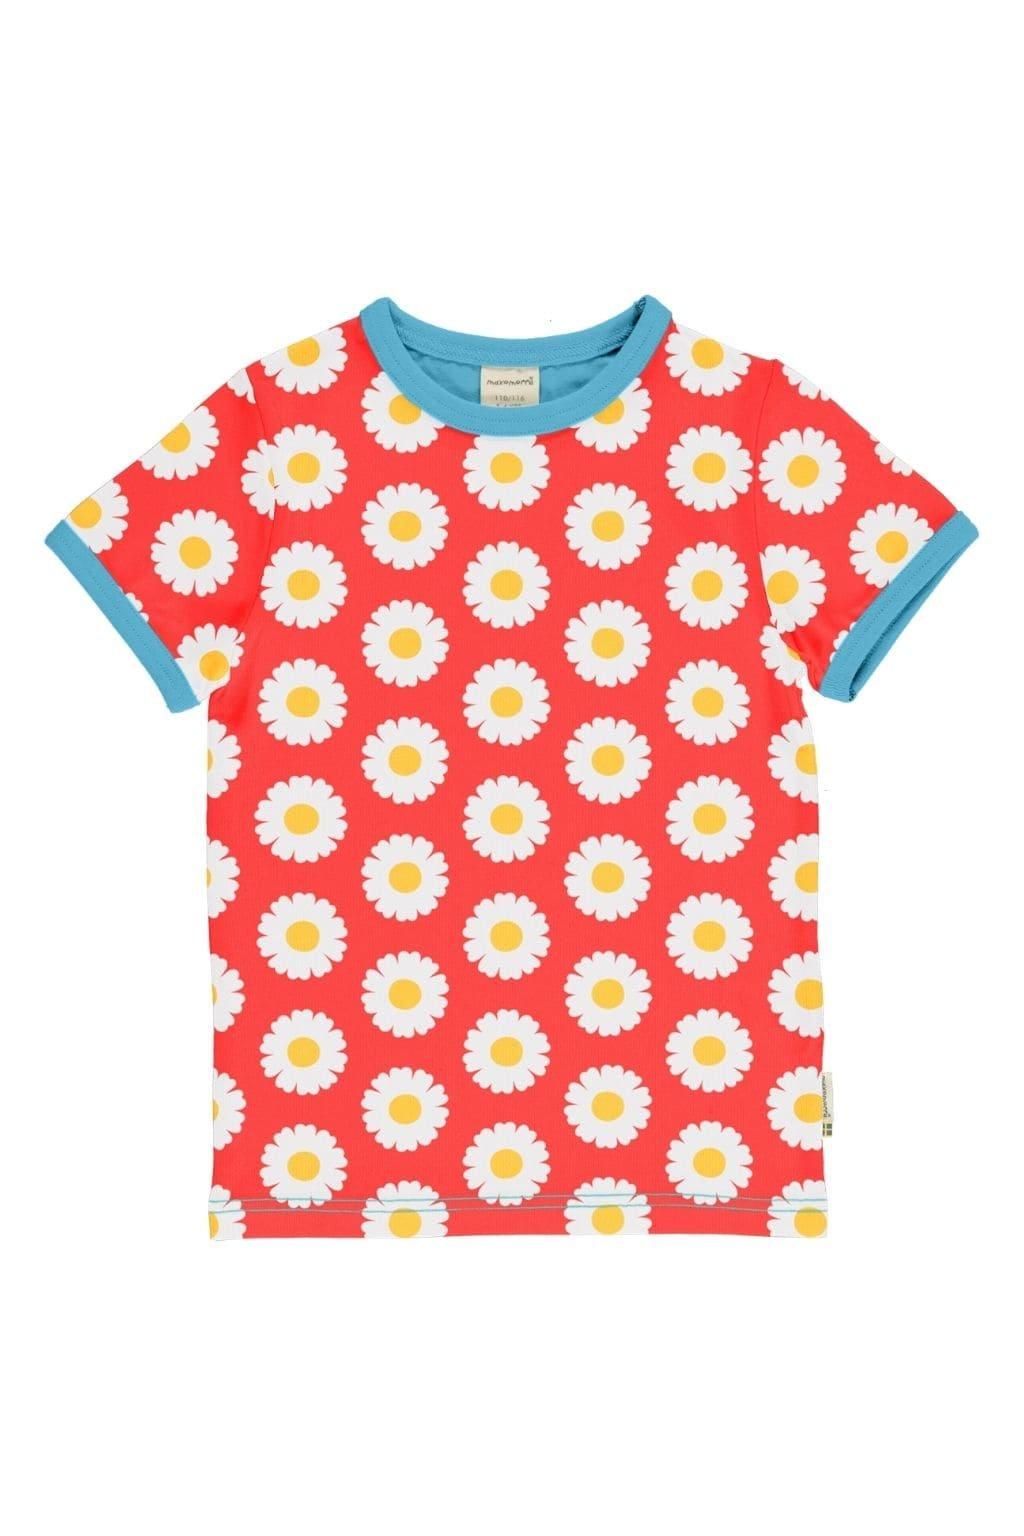 daisy top ss (1)